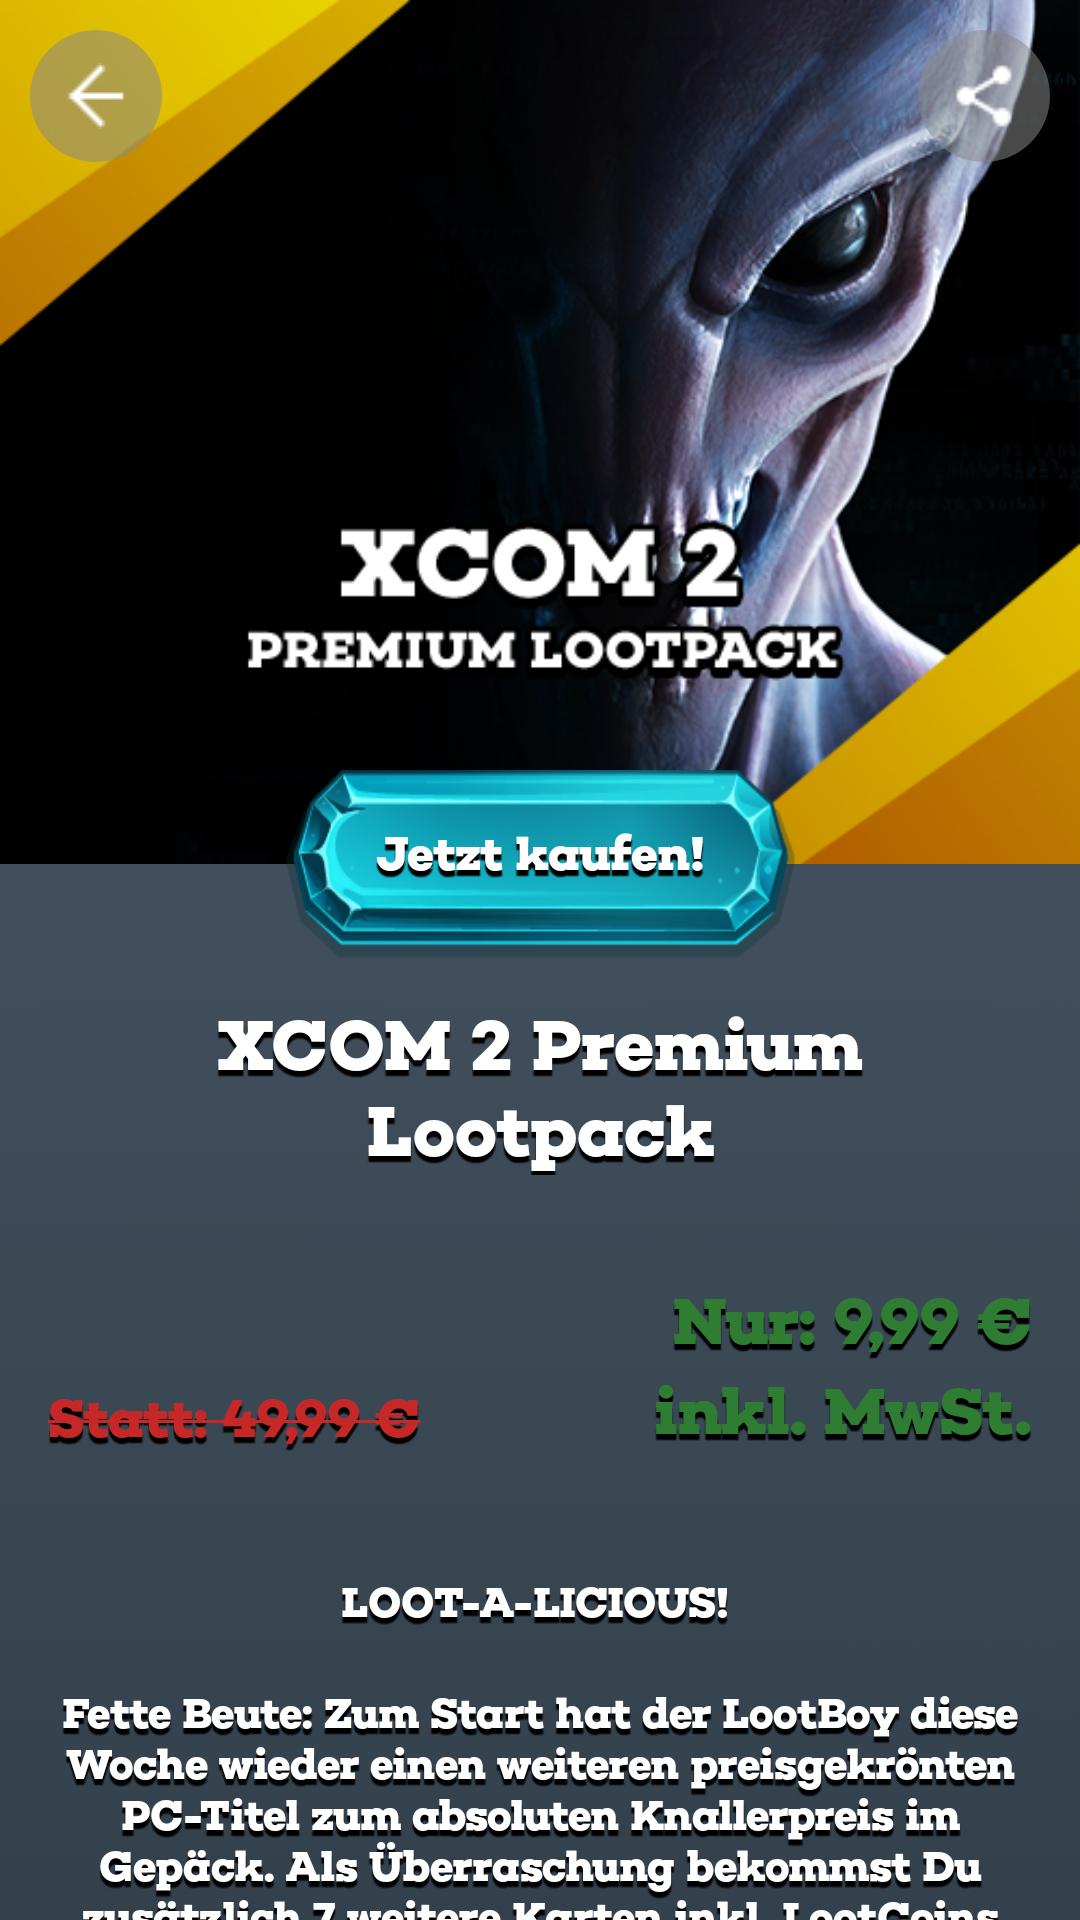 XCOM 2 (PC) - Steamkey bei Lootboy (via kostenloser App) für 9,99 Euro